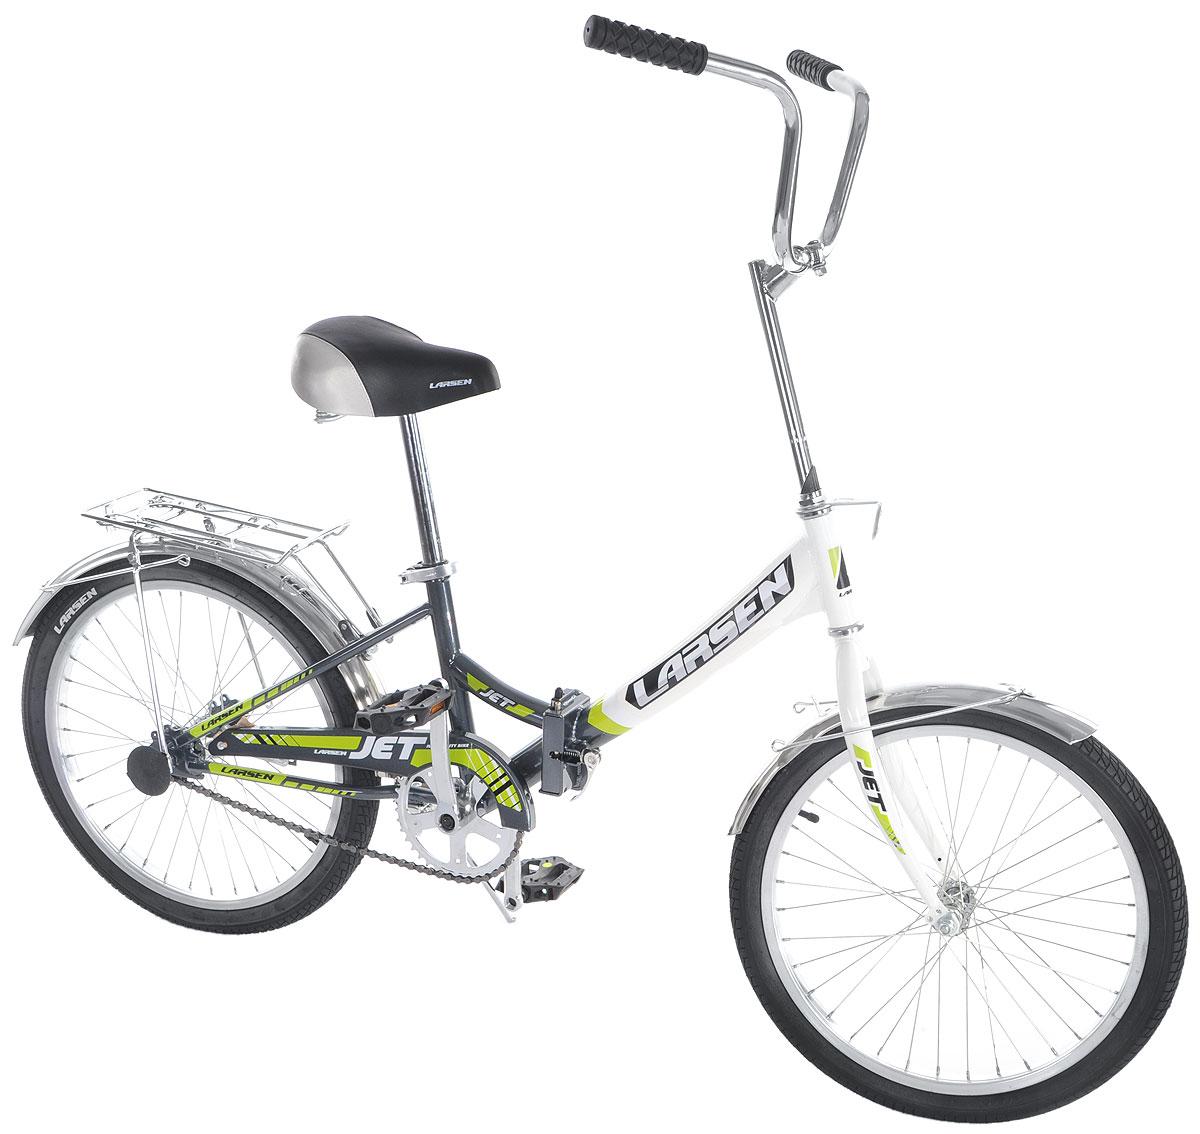 Велосипед Larsen Jet 20, цвет: белый, серыйMHDR2G/AВелосипед Larsen Jet 20 - это складной подростковый велосипед, который станет прекрасным подарком для вашего ребенка. Велосипед идеально справится со своим прямым предназначением - катанием по асфальтированным и грунтовым дорогам. Модель прекрасно сконструирована: современный яркий дизайн, безопасность, удобная форма рамы - вот ее главные преимущества. Благодаря полноценной защите цепи, исключены попадание в цепь одежды и малейшая возможность случайно поцарапаться. У данной модели качественная, прочная, легкая и удобная рама из стали с жесткой вилкой, которая менее подвержена механическим повреждениям и коррозии в сырую погоду. Конструкция рамы - складная, это позволит компактно перевозить велосипед и хранить его в квартире. Мягкое подпружиненное седло велосипеда и руль регулируются по высоте, что придает комфорт, делая прогулки по городу более удобными. Колесадиаметром 20 дюймов с покрышками Wanda и алюминиевыми ободами обладают хорошей маневренностью, ускорением и накатом. Ножной педальный тормоз отличается предельной простотой в использовании и надежностью. Чтобы привести его в действие, нужно вращать педали в обратную сторону. Велосипед оснащен полноразмерными крыльями, которые спасают от грязи, что делает его еще более практичным. Приятным и полезным дополнением служат подножка и багажник. Подростковый велосипед Larsen Jet 20 послужит идеальным спутником для отважных велосипедистов, предпочитающих активный образ жизни.Количество скоростей: 1 шт.Размер колес: 20 дюймов. Резина: Wanda p1079.Втулка передняя: fr-03 сталь.Втулка задняя: cf-e10 сталь.Тормоза: втулочные, ножные.